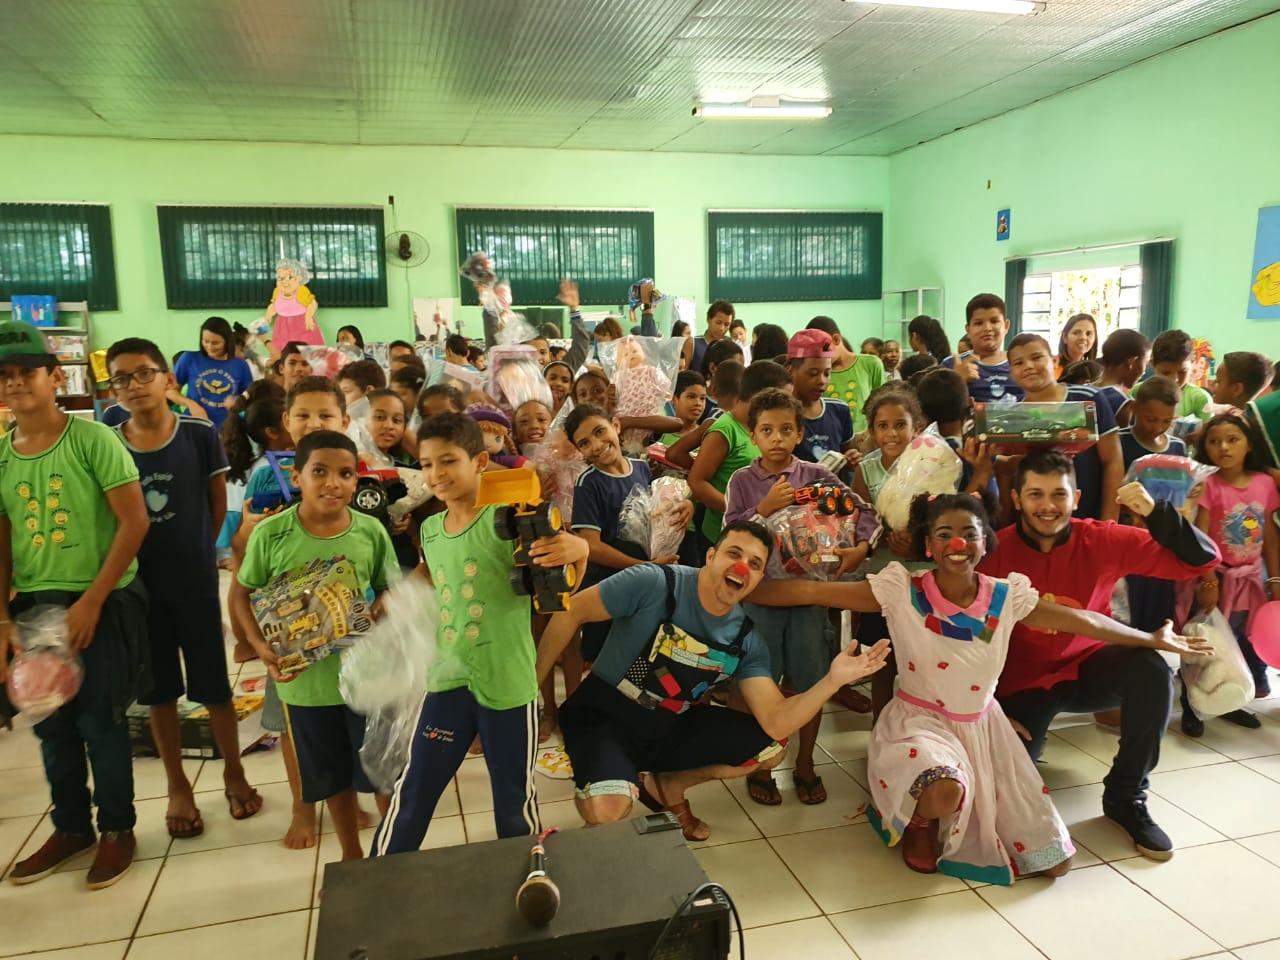 Isca e Grupo Artpalco beneficiam centenas de crianças em Araguaína com doação de brinquedos